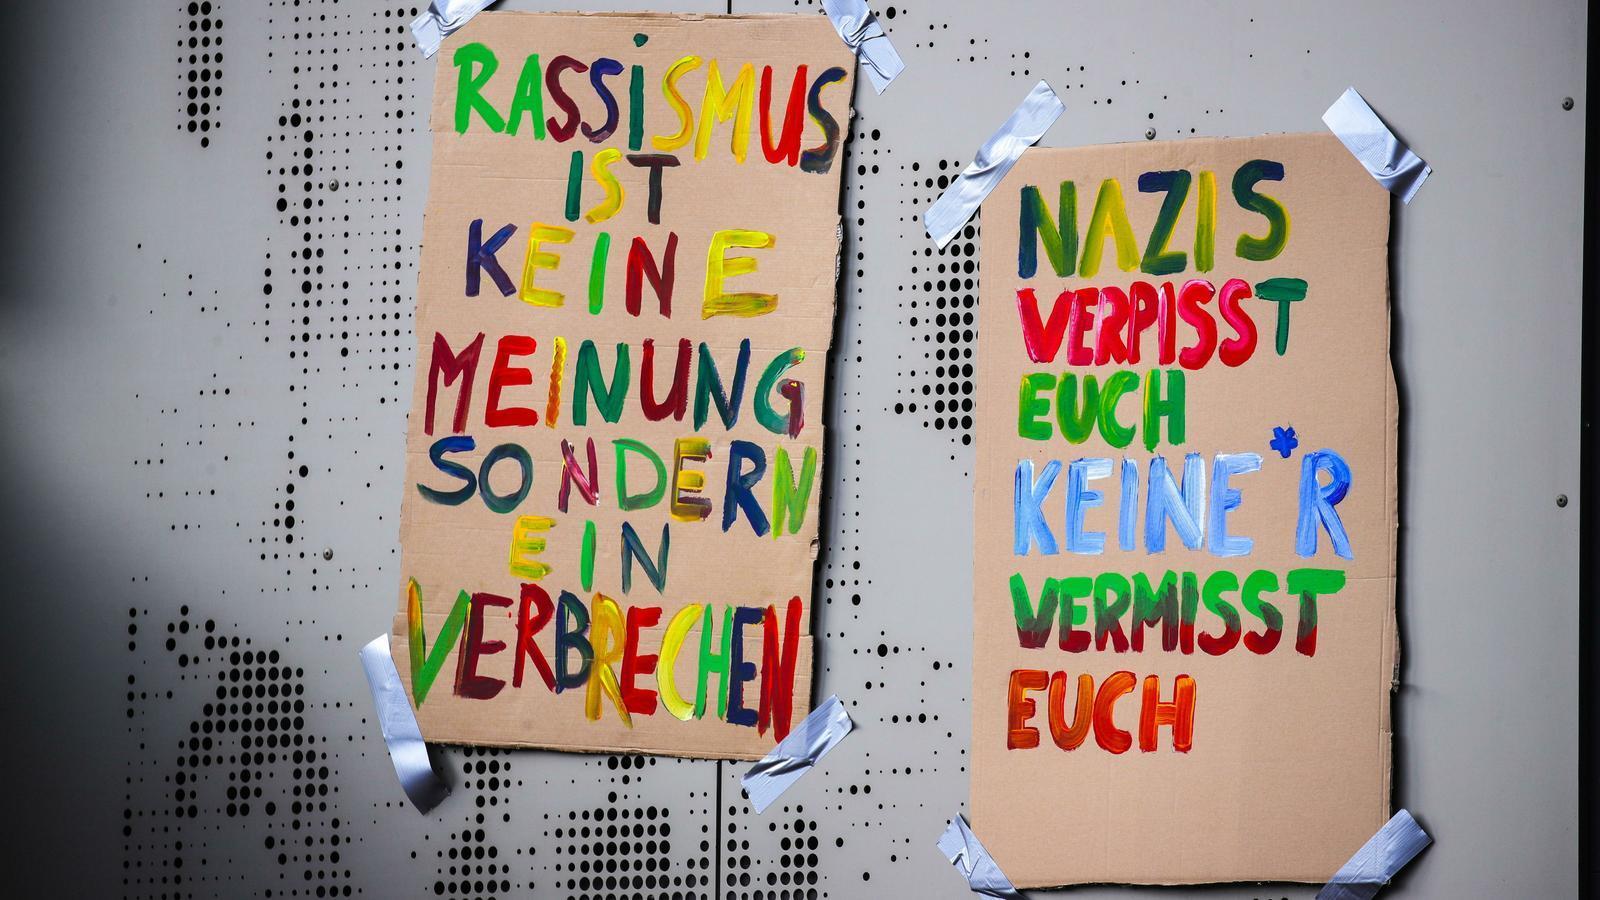 Missatges  de rebuig a l'atemptat d'ultra dreta a Hanau, Alemanya.